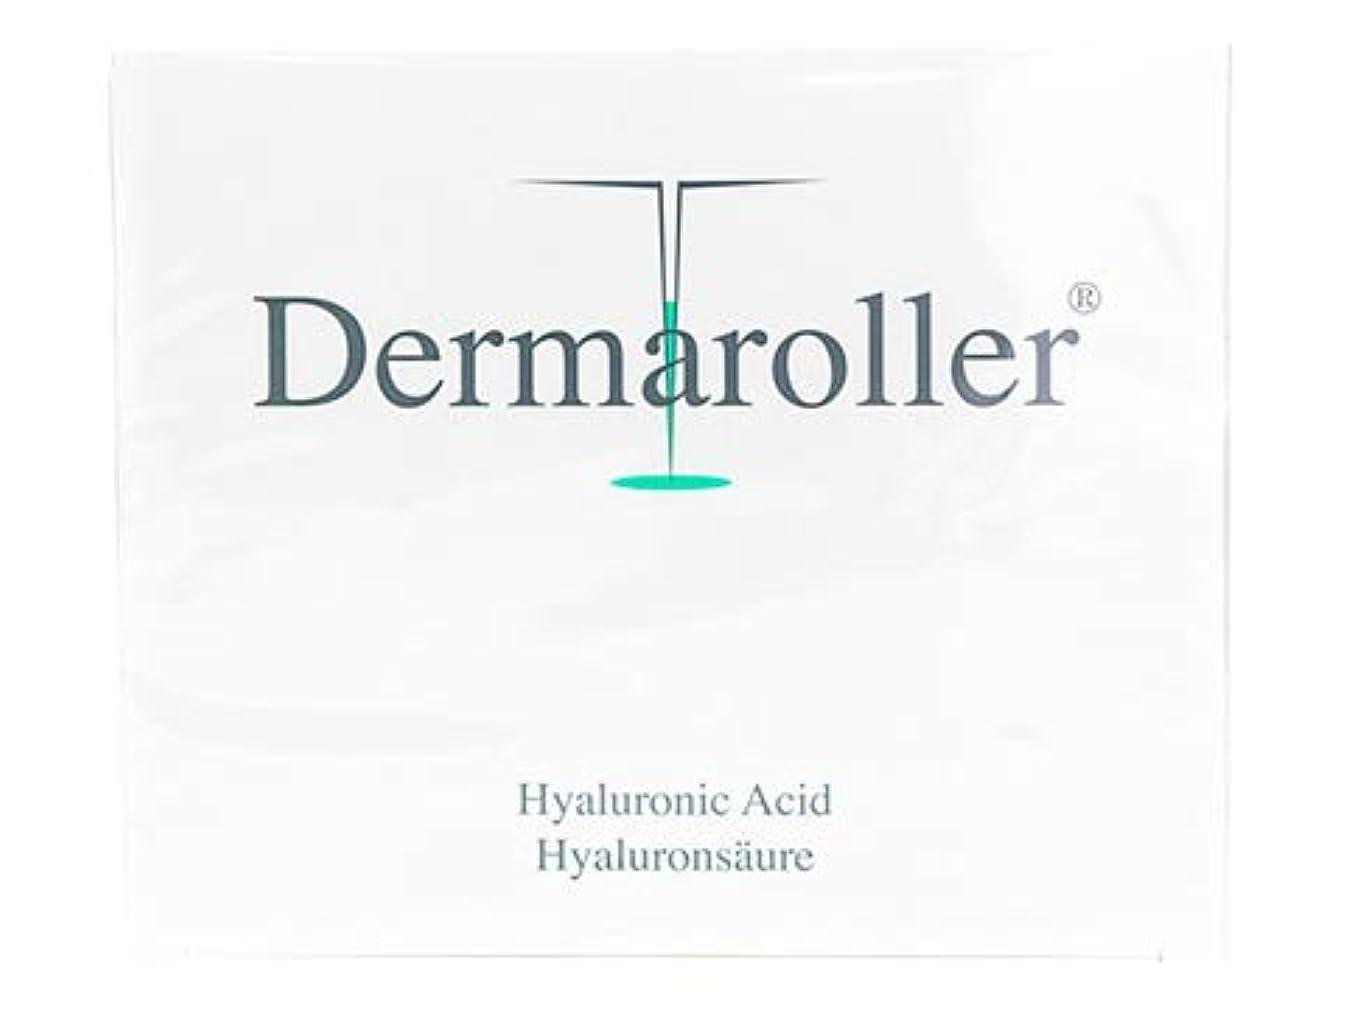 料理病な将来のダーマローラー ヒアルロン酸 美容液 1.5ml30本 1箱 Dermaroller HyaluronicAcid Made in Germany